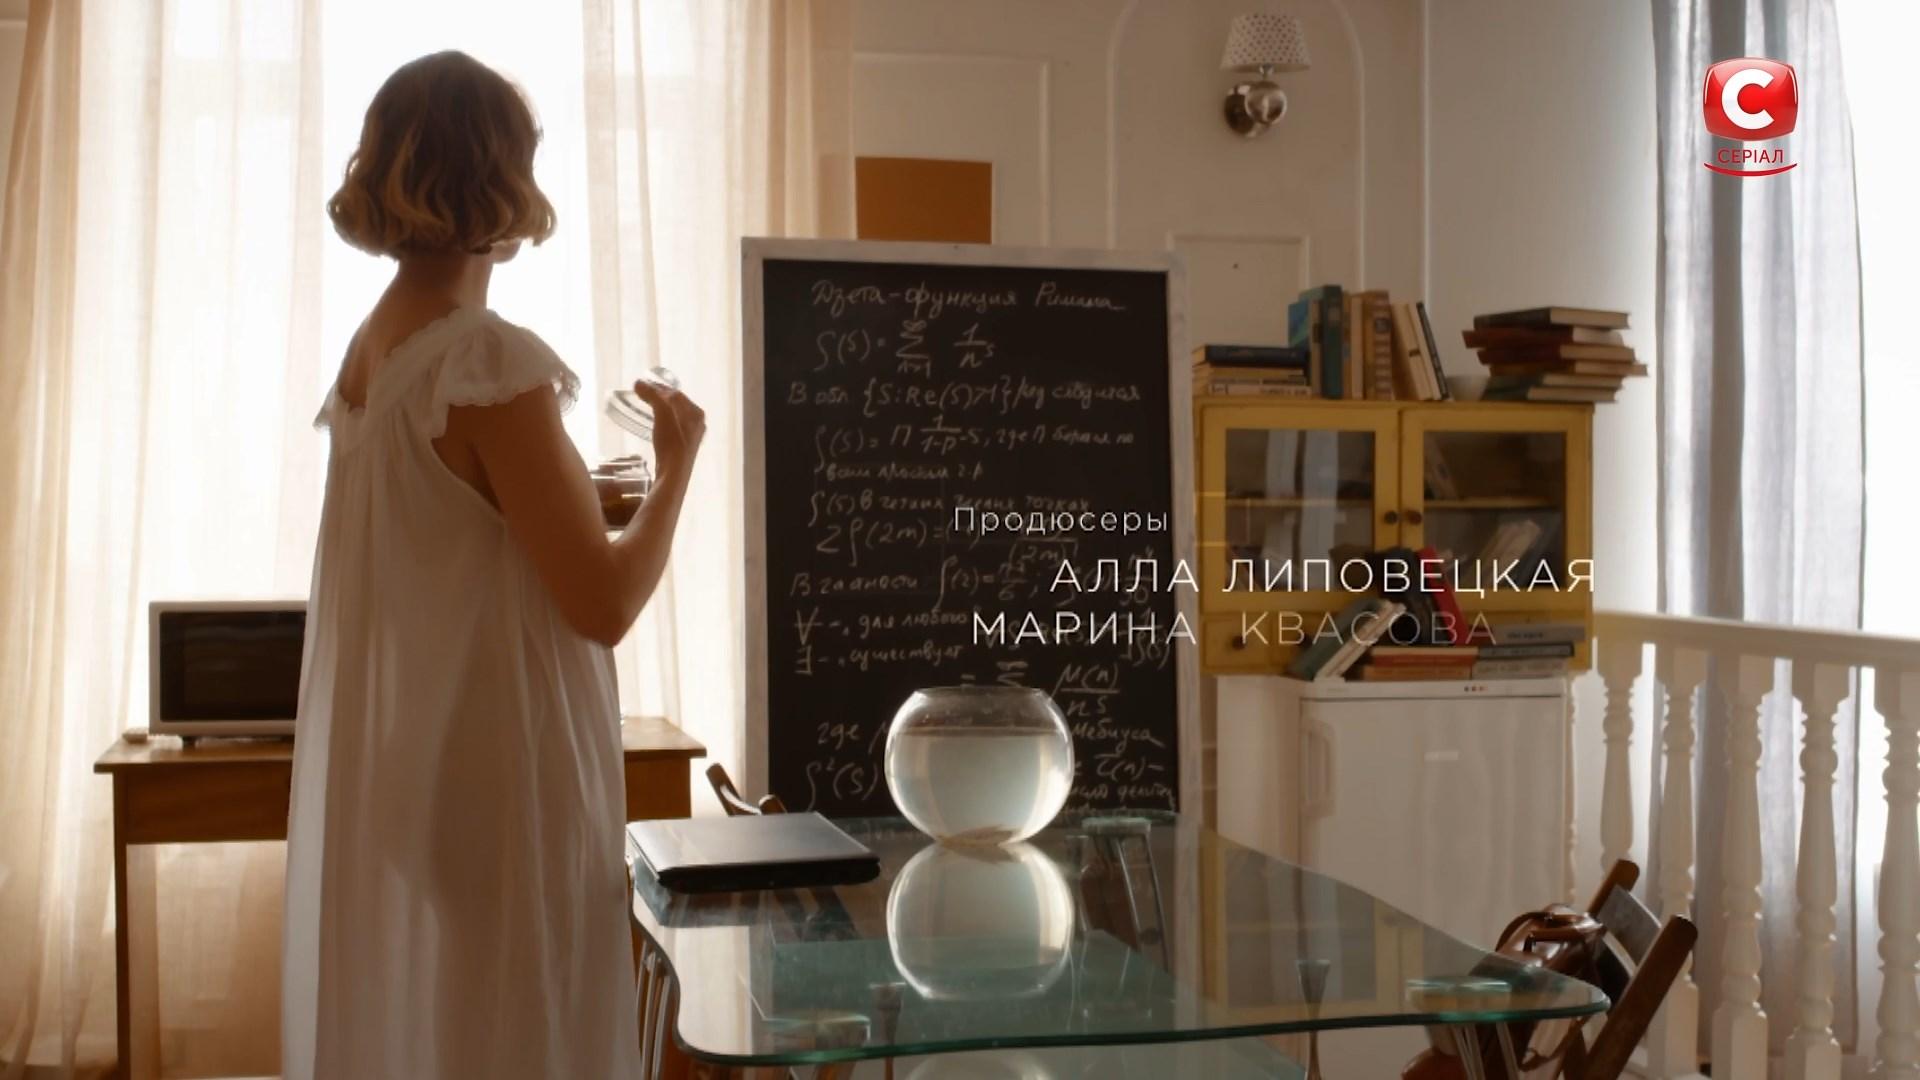 Aleksandra Rebenok sexy - Shvabra s01e01 (2019)